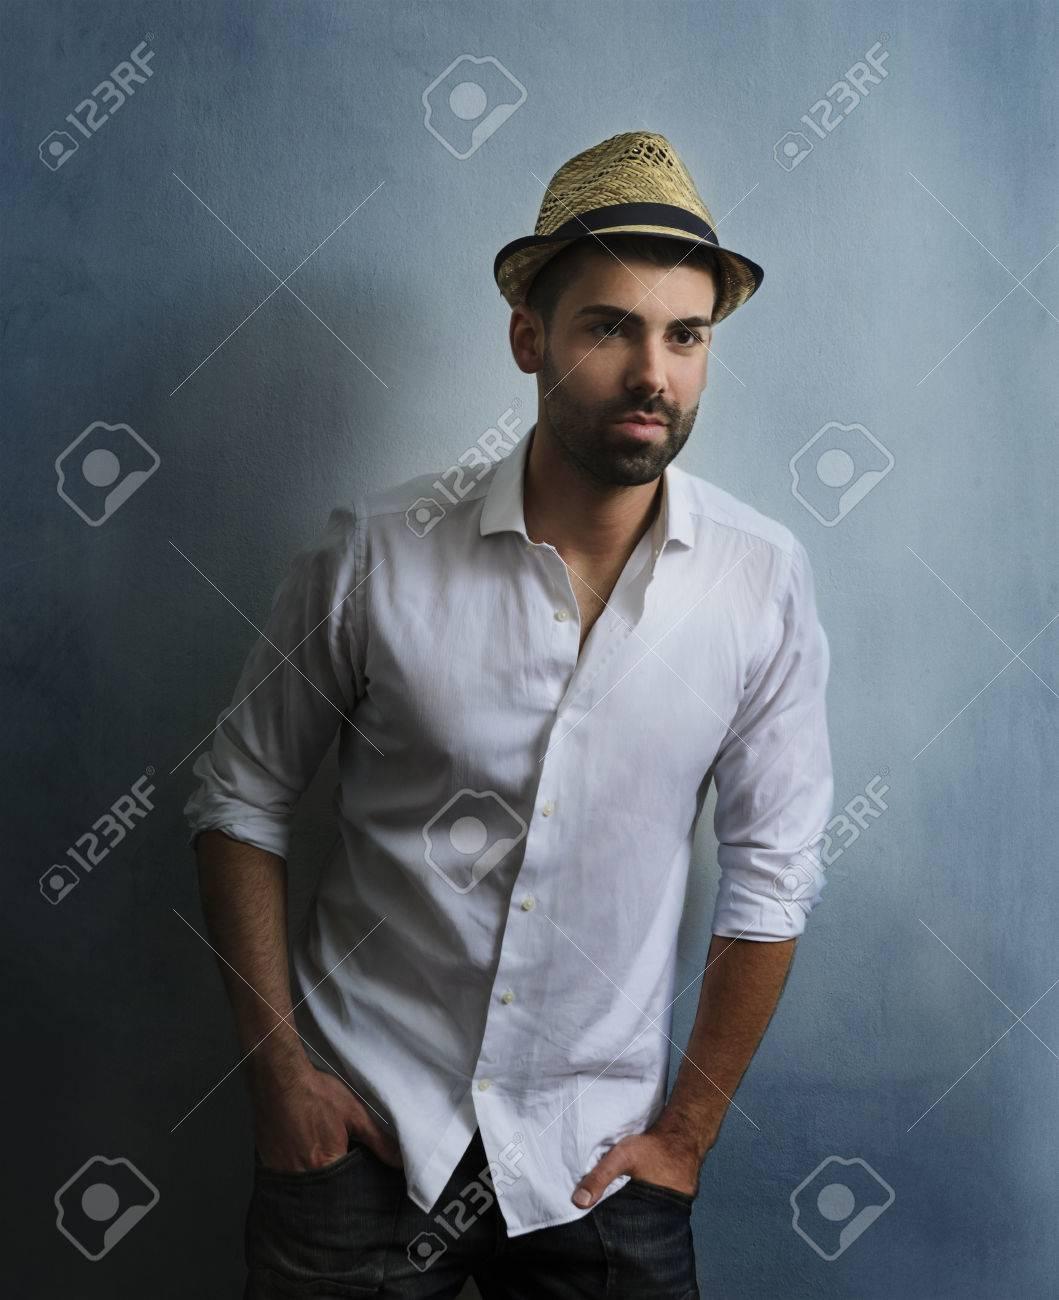 2031fa9ba316f4 Junge sexy Hipster Kerl mit Bart posiert vor der blauen Grunge Wand.  Porträt von stilvollen